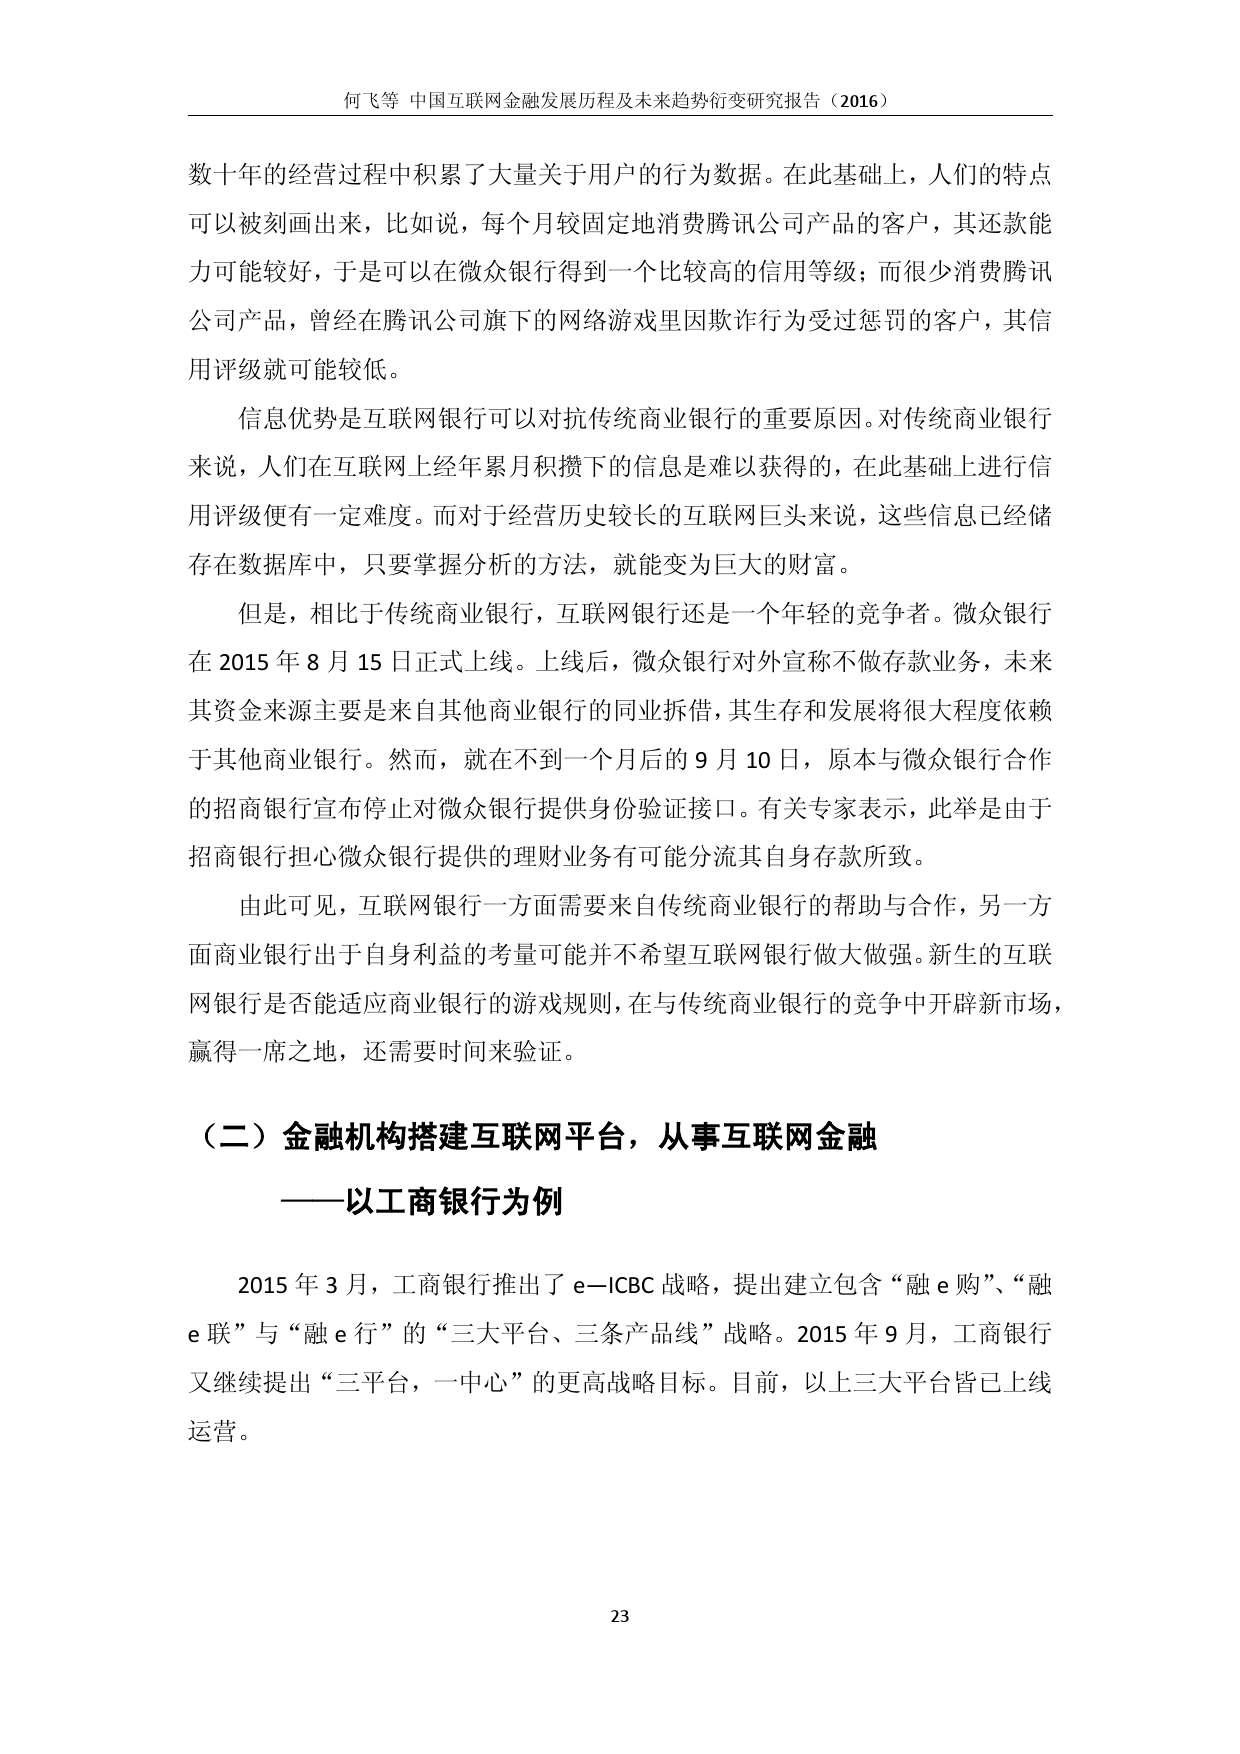 中国互联网金融发展历程及未来趋势衍变研究报告(2016)_000028